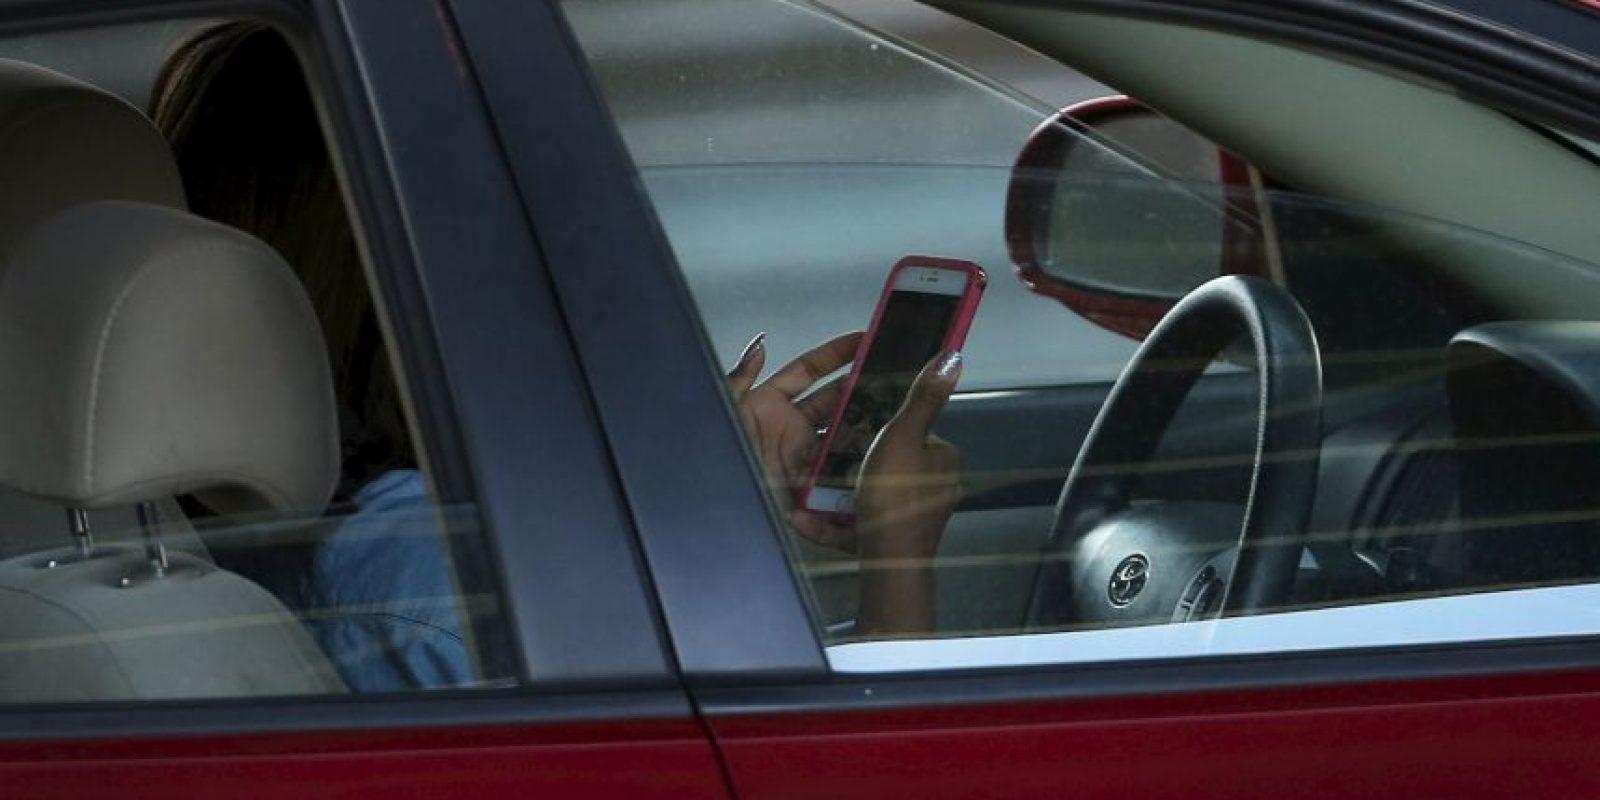 El conducir y redactar mensajes de texto por el teléfono celular amplía 23 veces la probabilidad de sufrir un accidente vial Foto:Getty Images